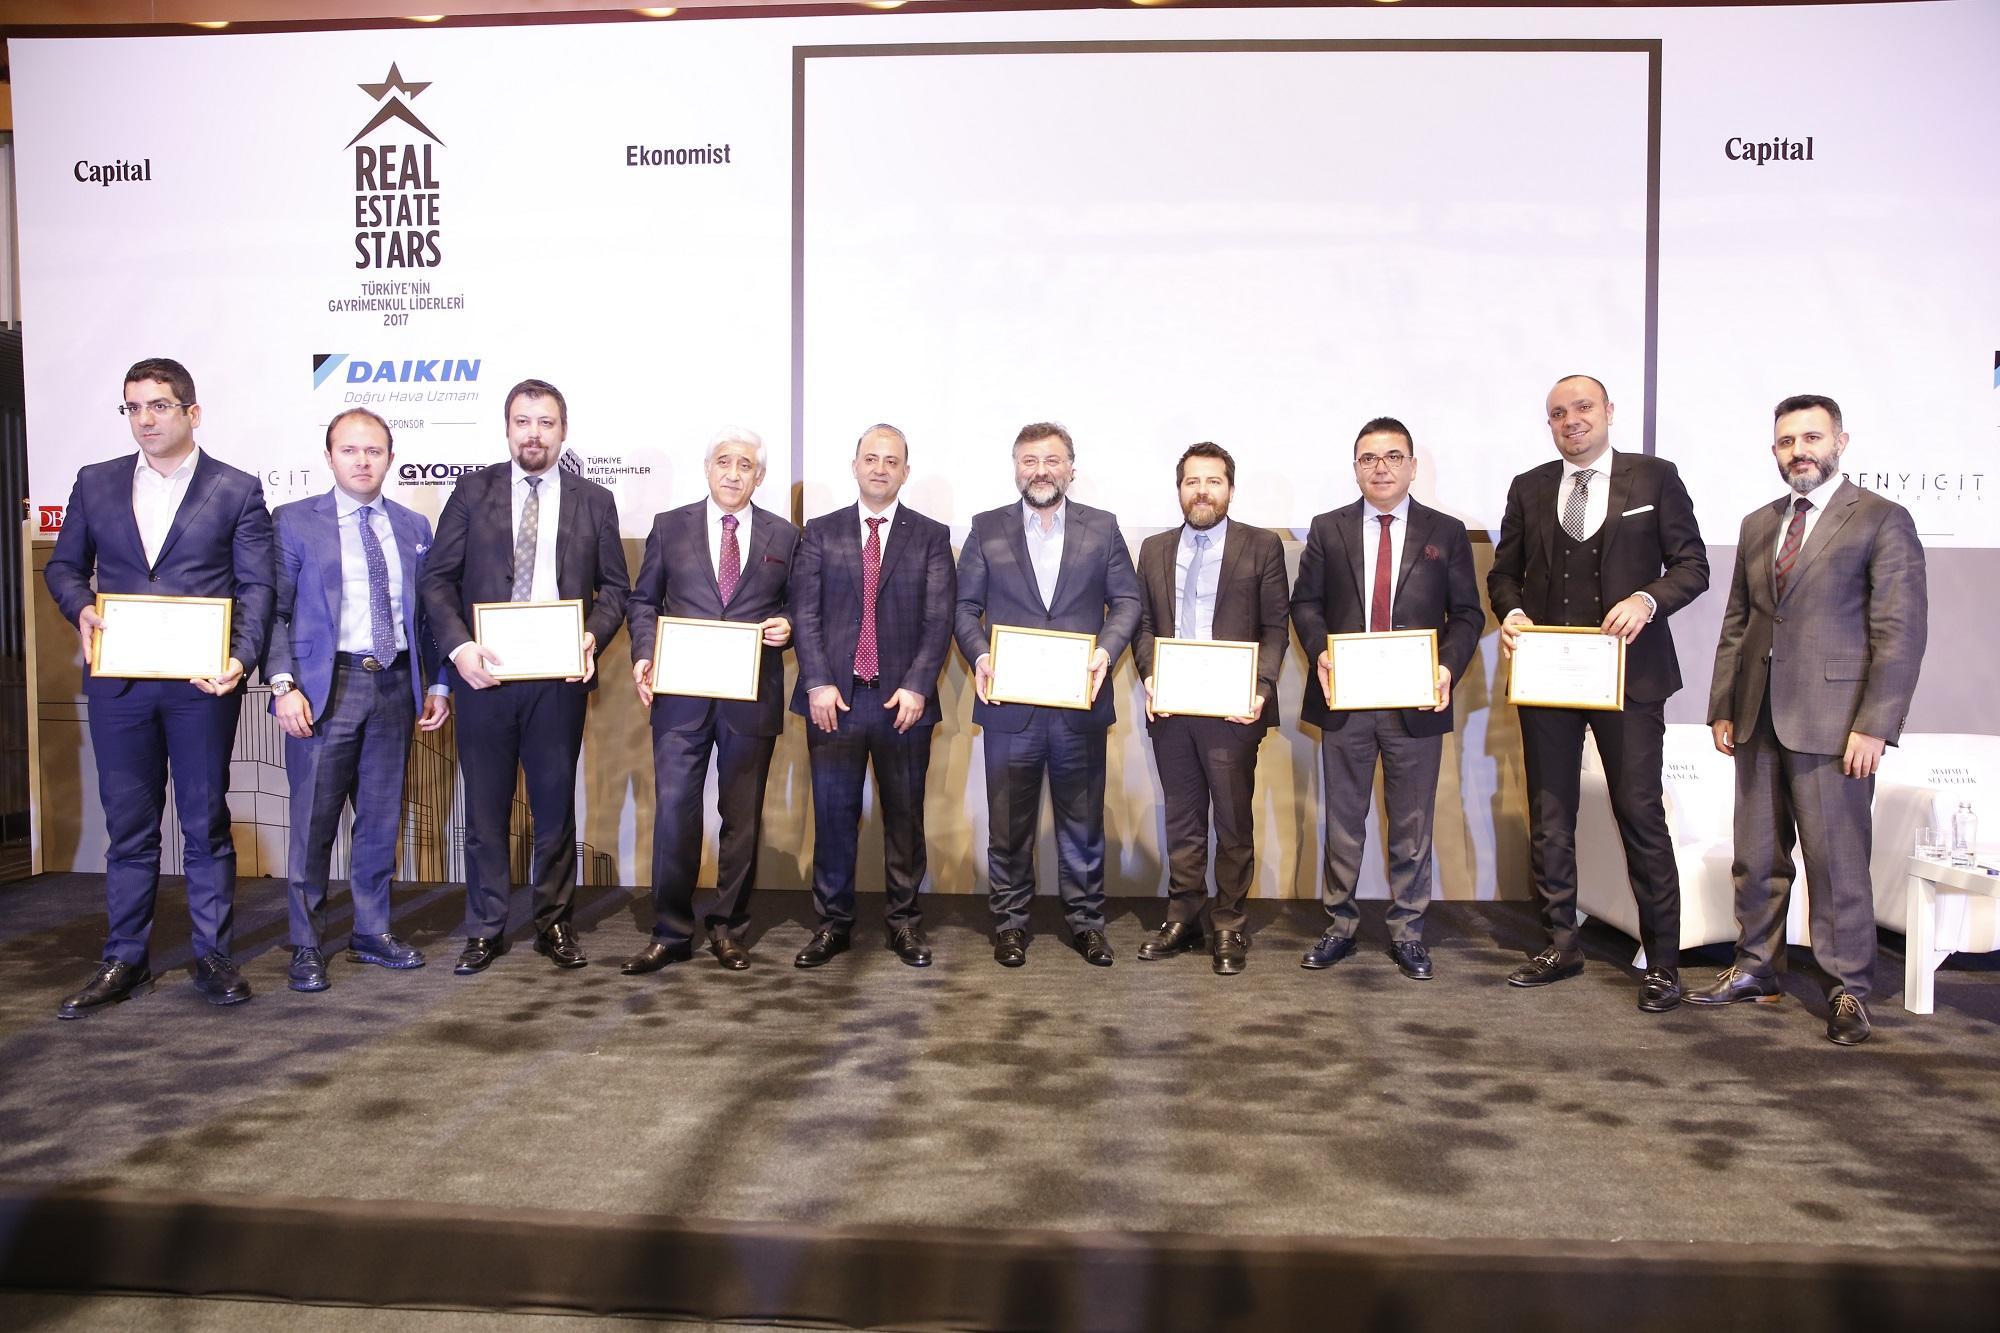 Gayrimenkul sektörüne yön veren şirketleri teşvik etmeyi amaçlayan Real Estate Stars Ödülleri sahiplerini buldu.